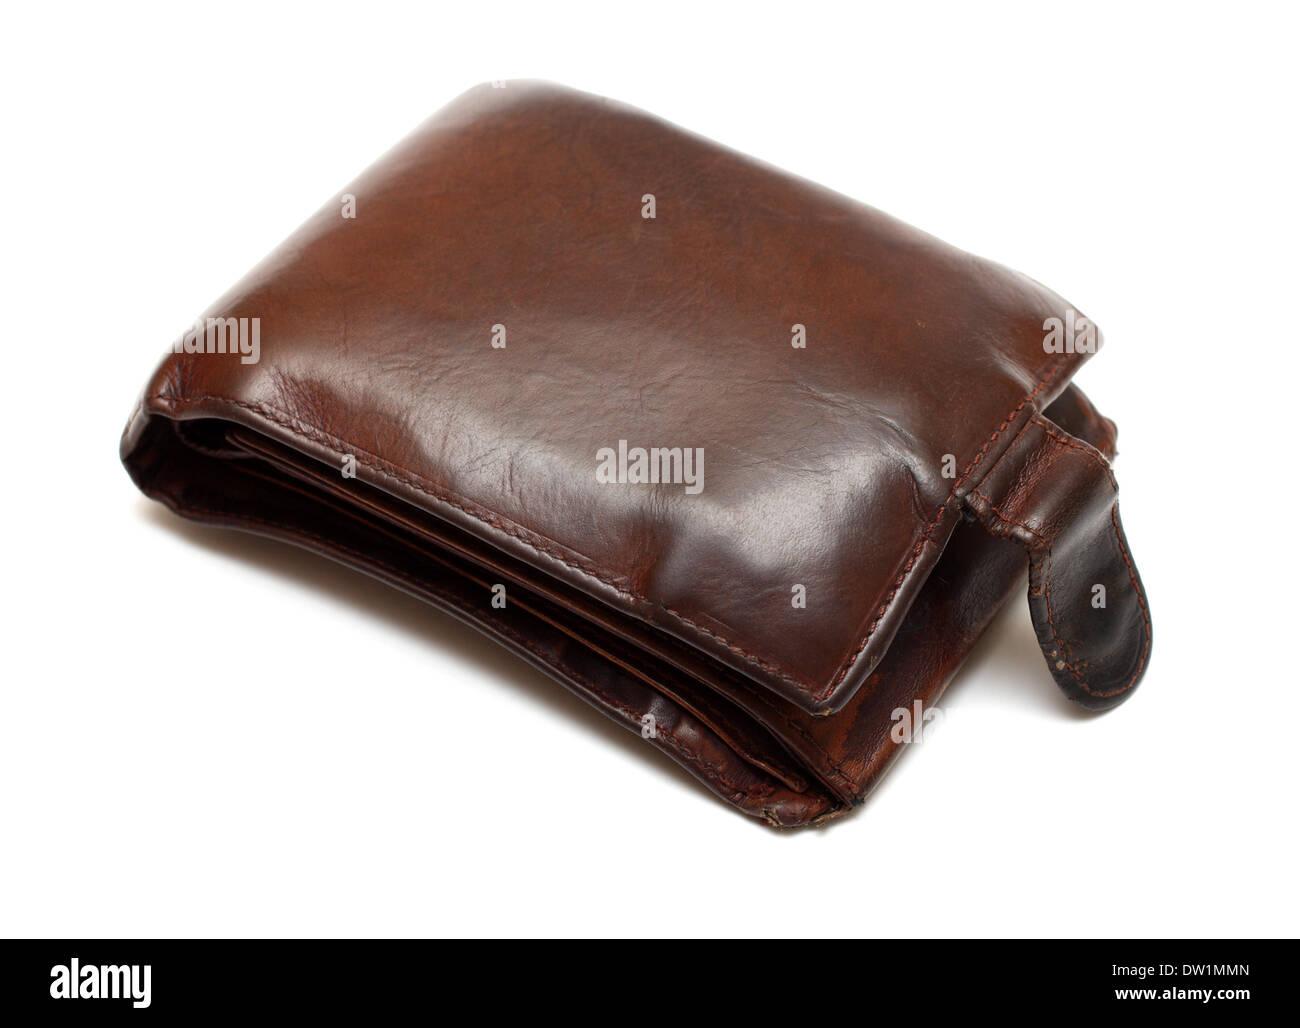 Sac à main en cuir brun s'enflant Banque D'Images